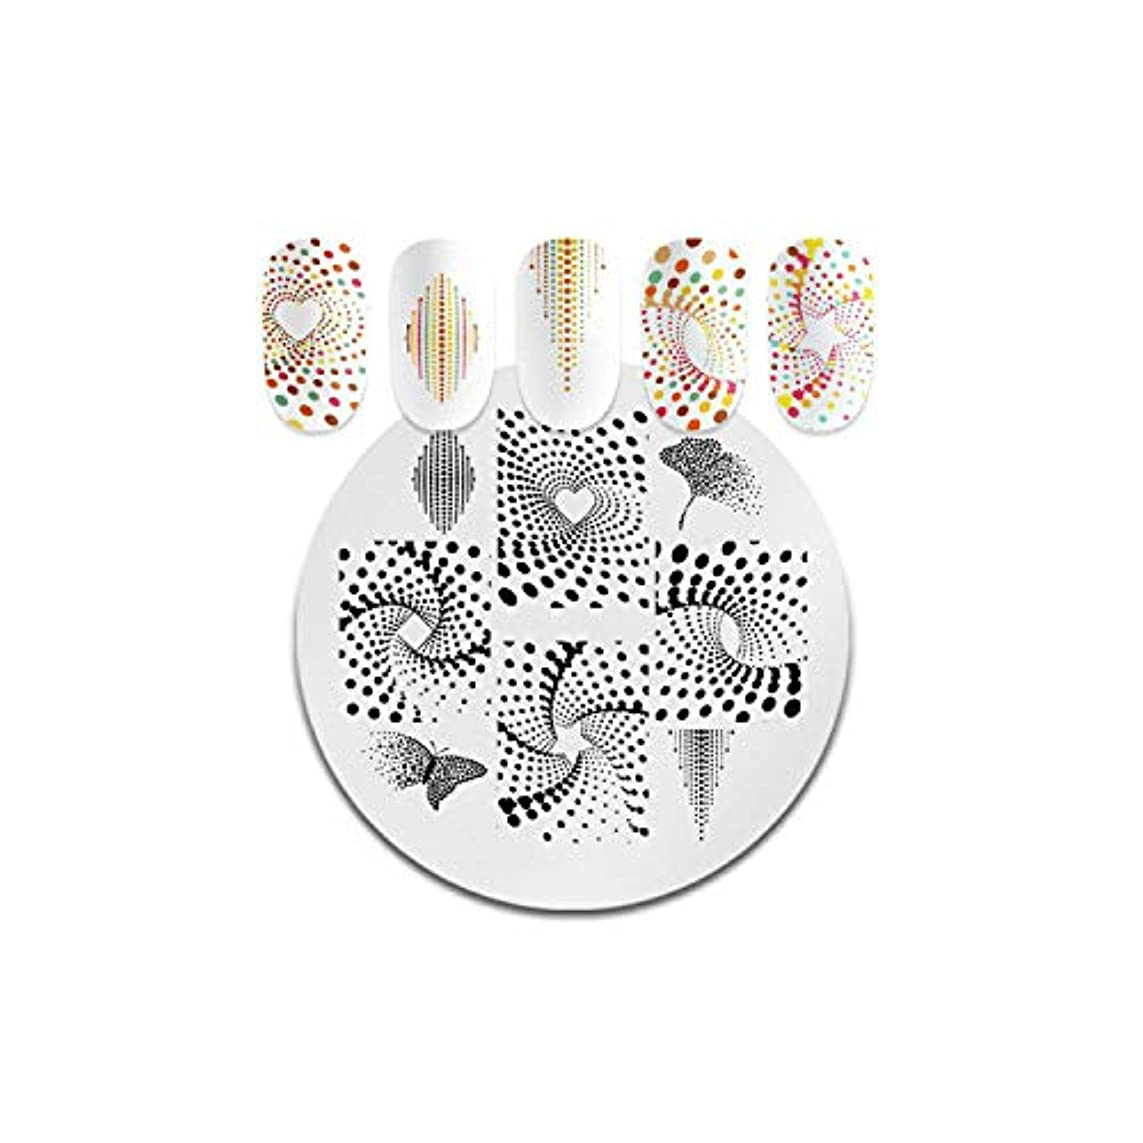 賢い立証する選出するAKIROKスクエアラウンドネイルスタンピングプレート動物パターンステンレススチールスタンピングテンプレートネイルアートデザインツール,PY-Y002